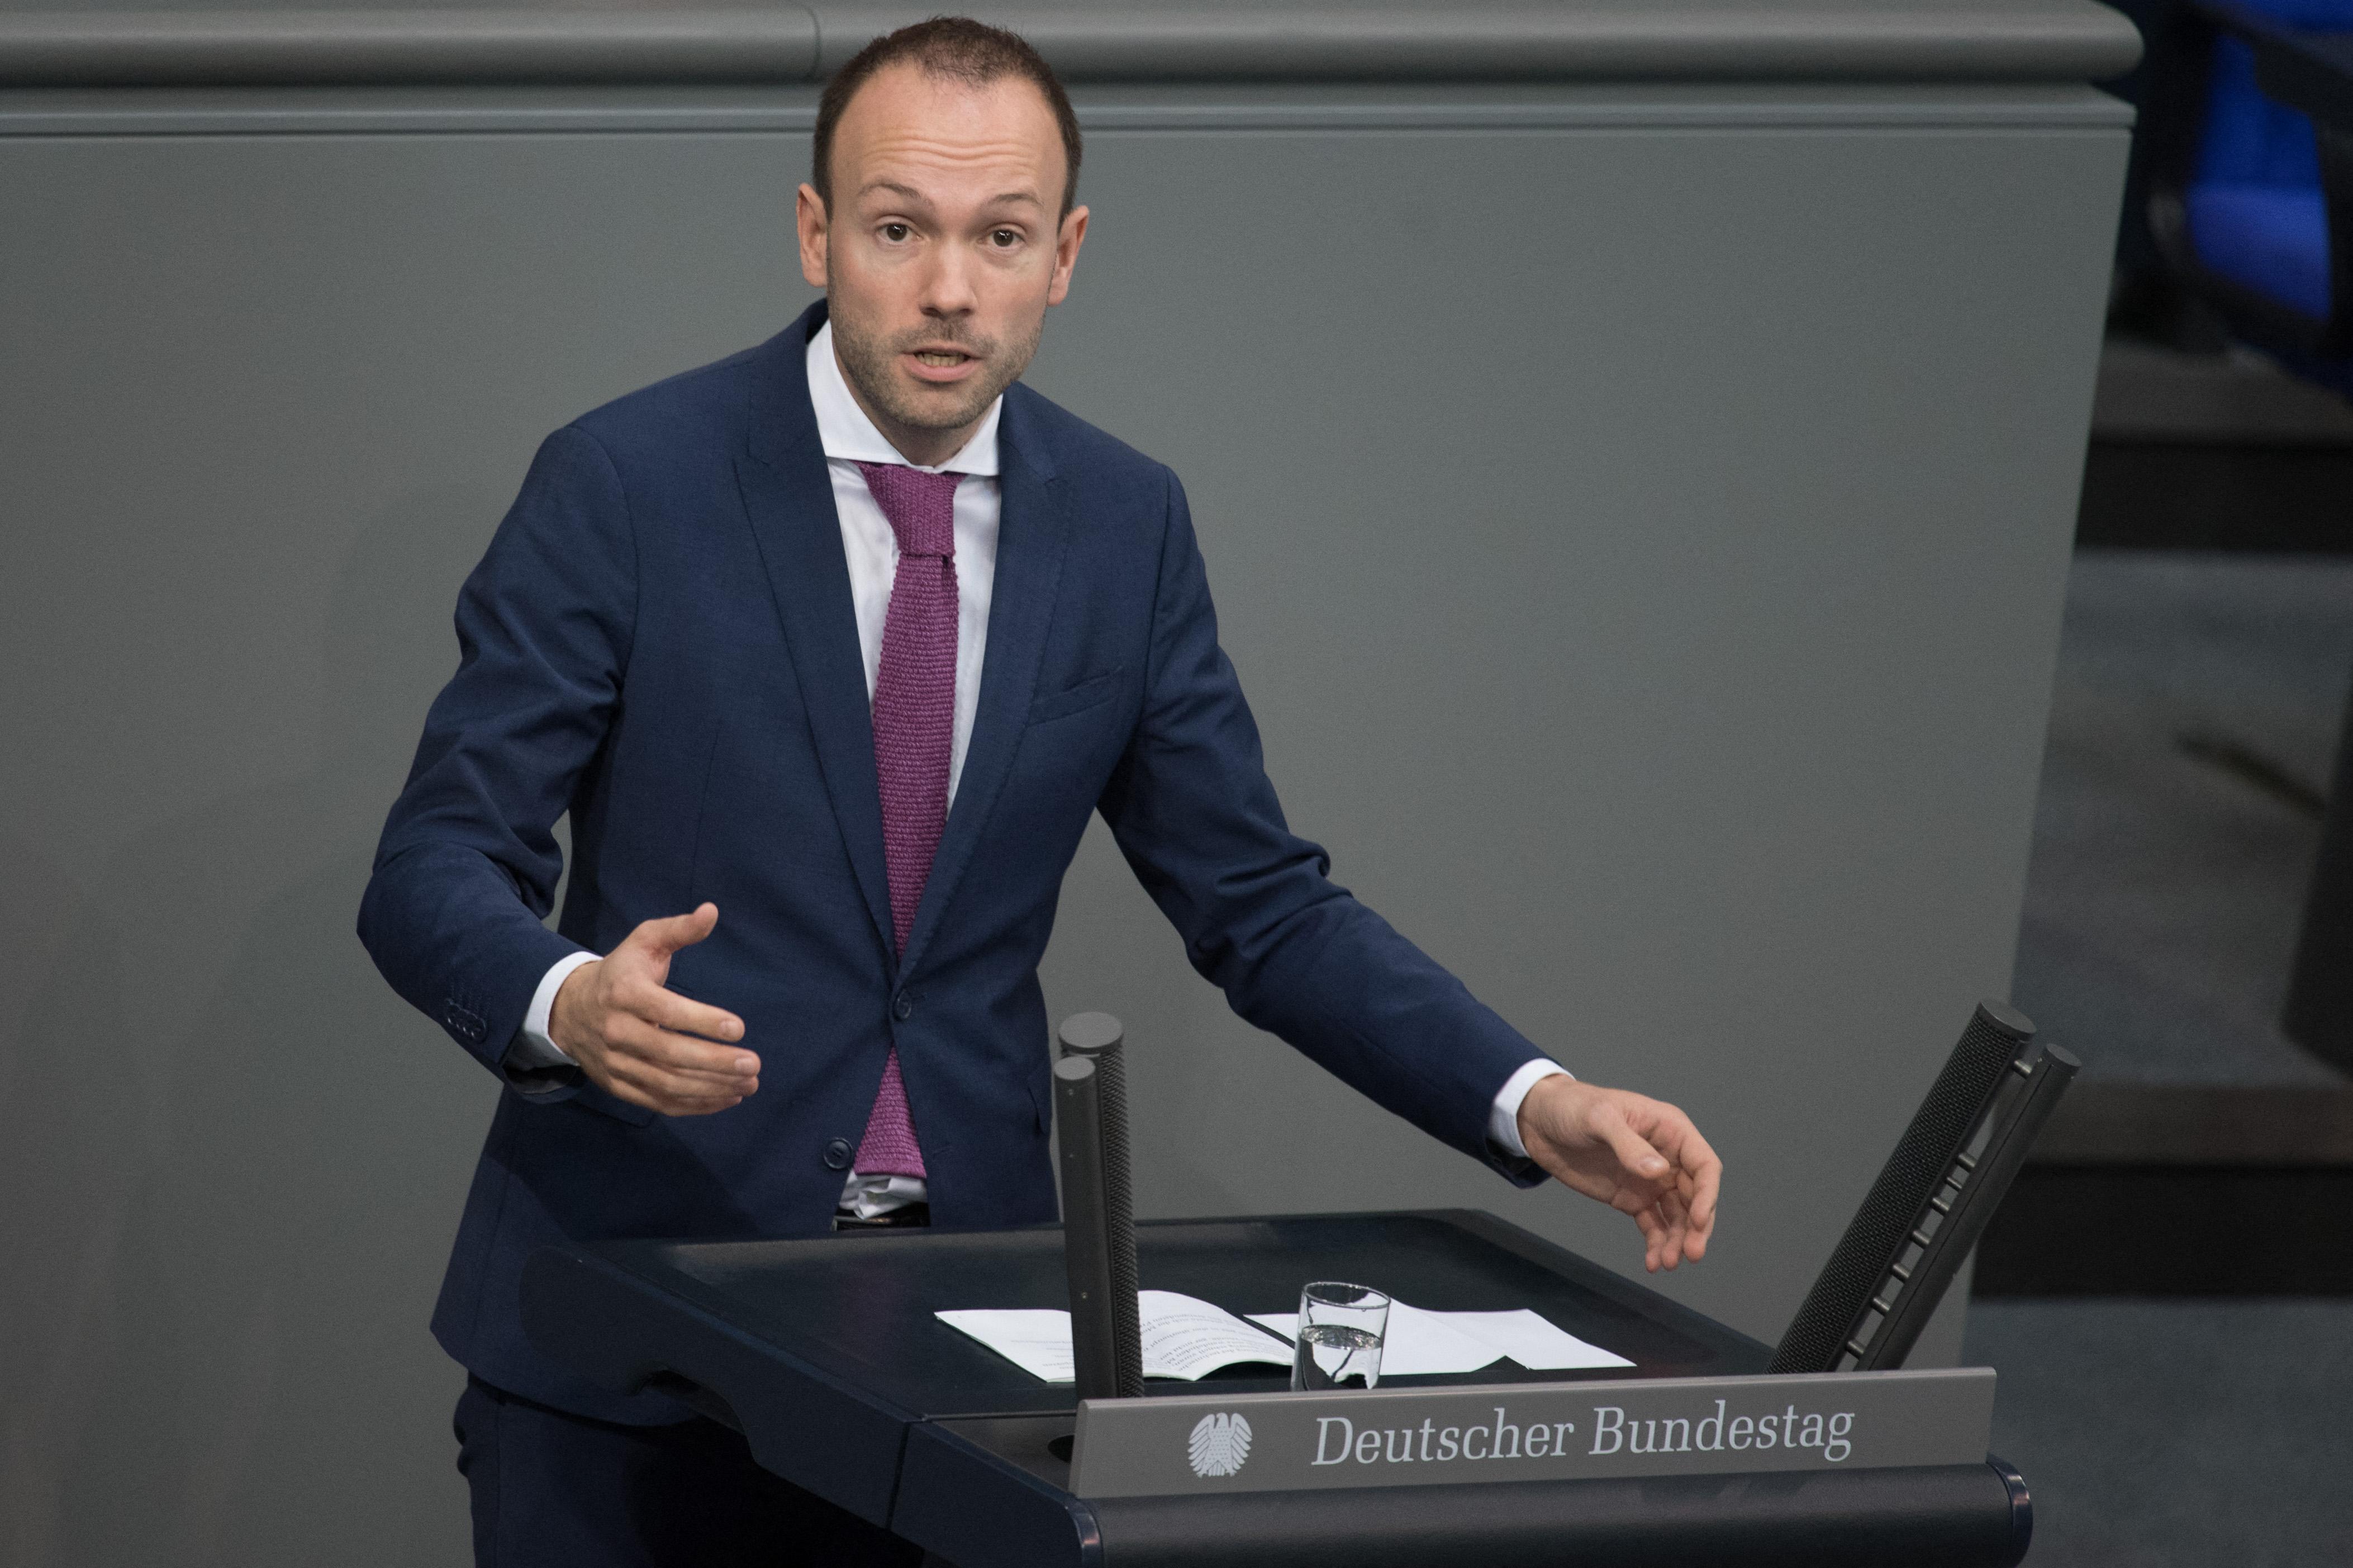 Rengeteget keresett a maszkbizniszen, lemond a CDU-s képviselő